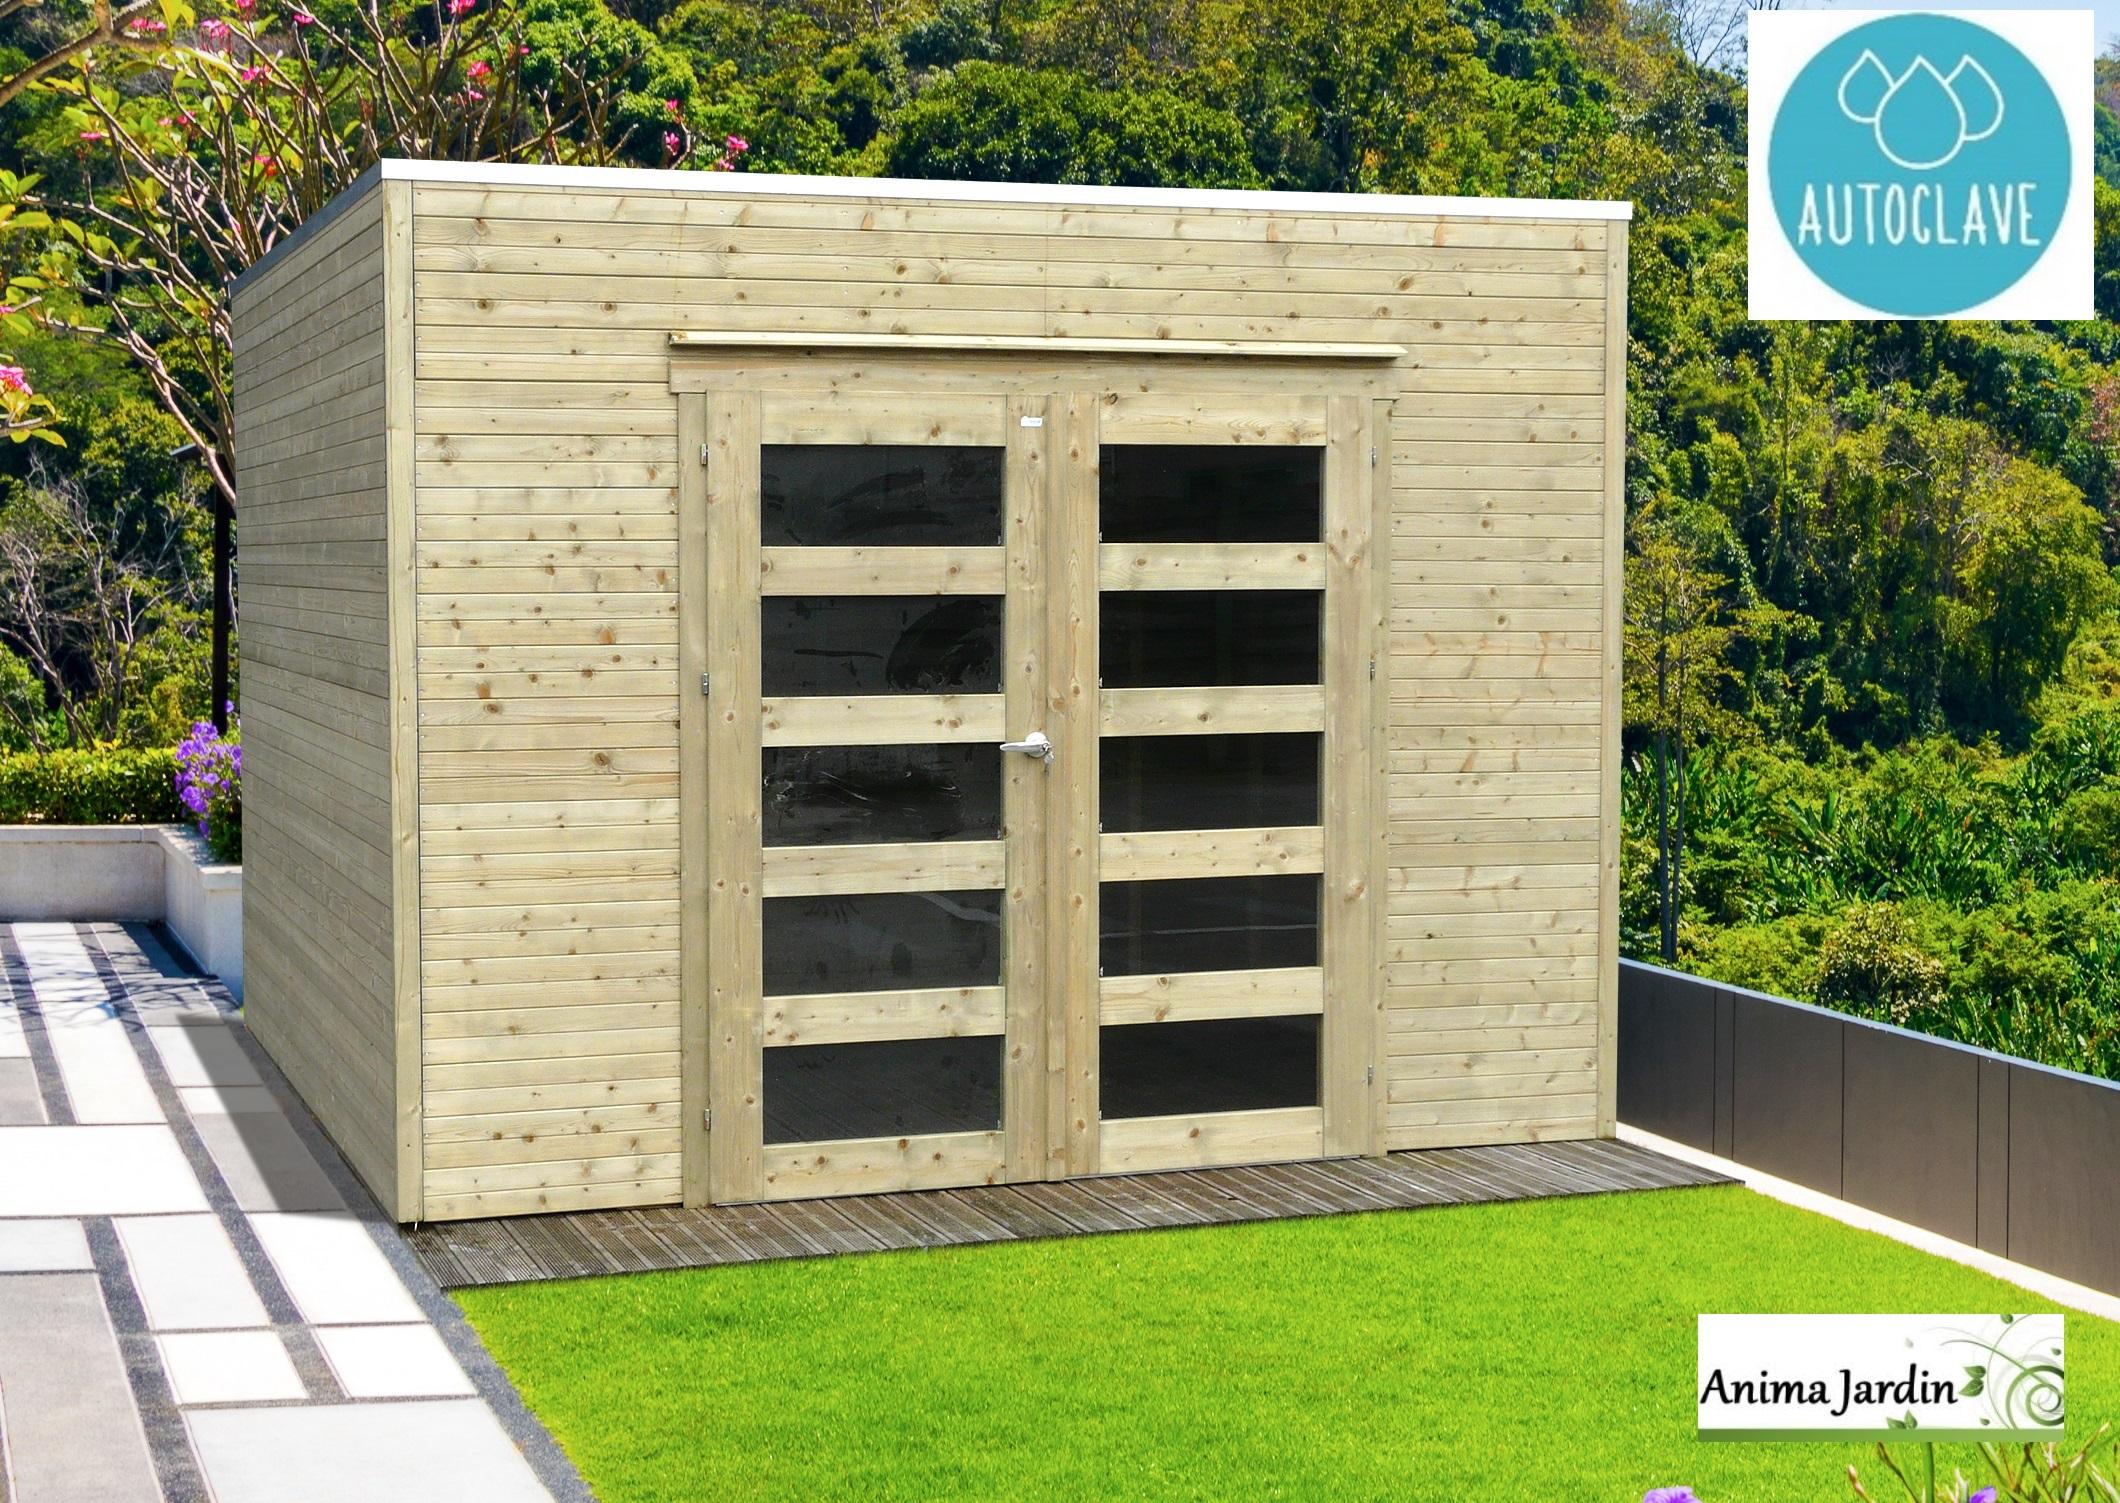 Abri De Jardin En Bois Autoclave 19Mm, Bari, 8M², Toit Plat ... destiné Abri De Jardin 5M2 Pas Cher